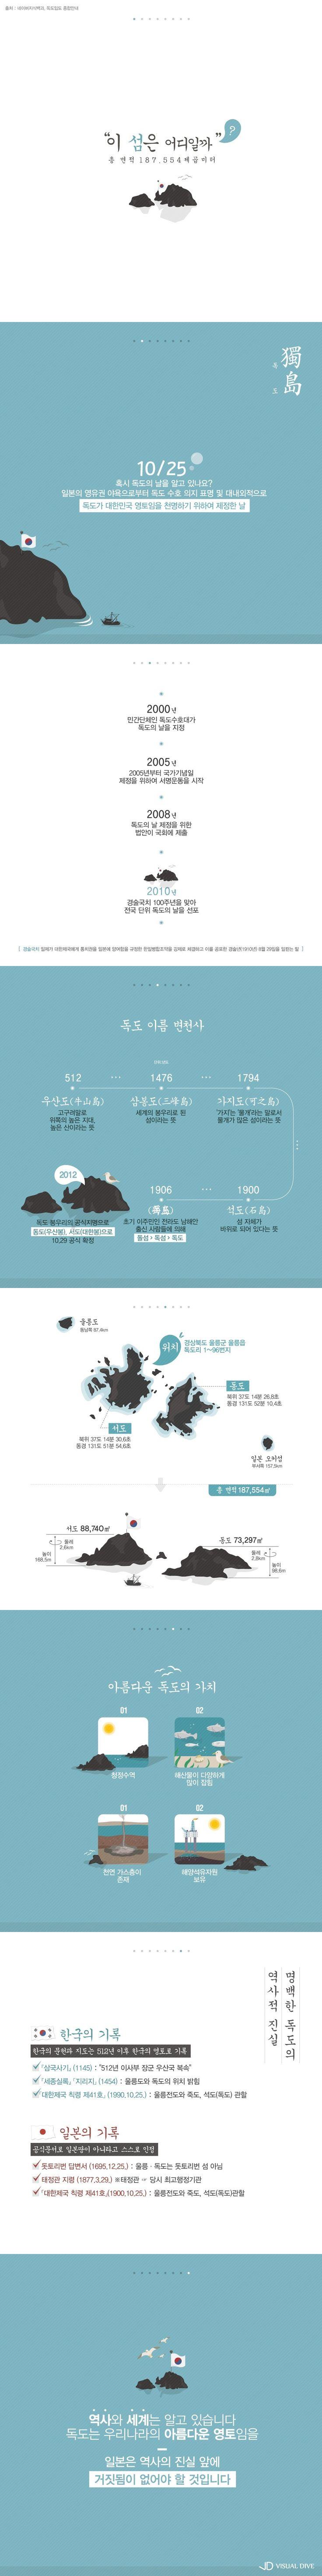 10월 25일 '독도의 날'…다시 새기는 독도의 의미[인포그래픽] #Dokdo / #Infographic ⓒ 비주얼다이브 무단 복사·전재·재배포…